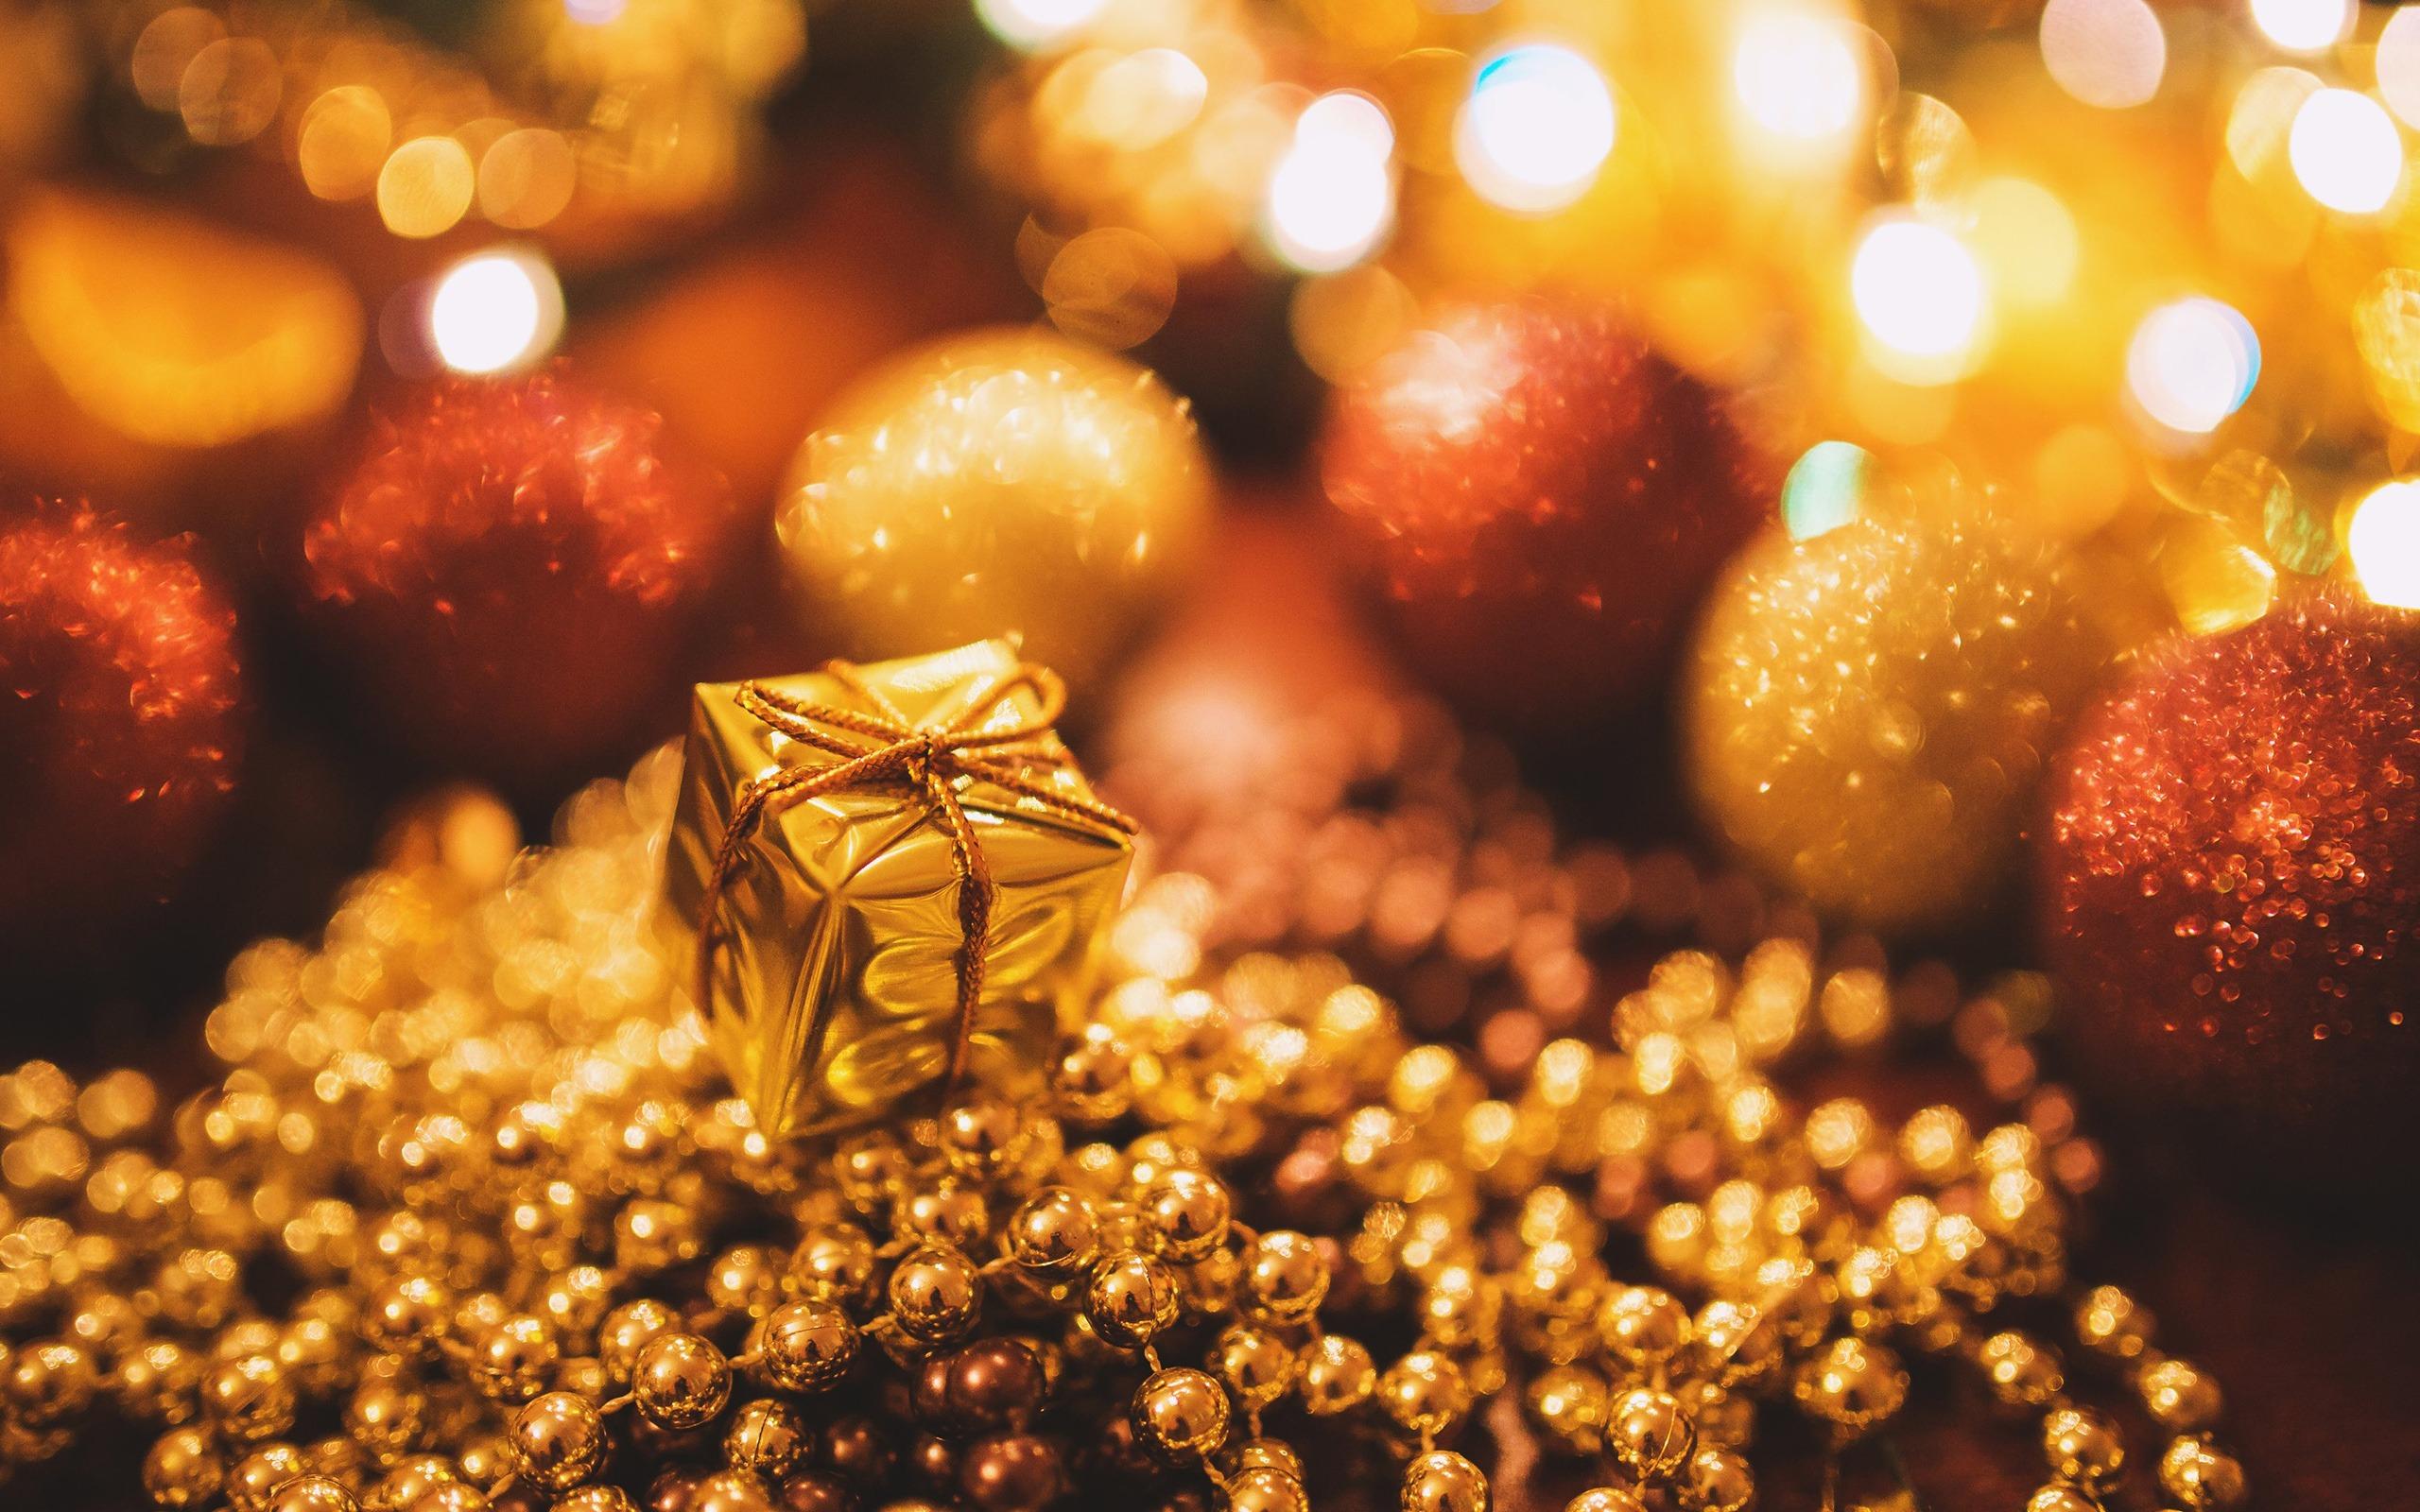 Golden Christmas Gift Merry Christmas 2017 Hd Wallpaper Preview 10wallpaper Com